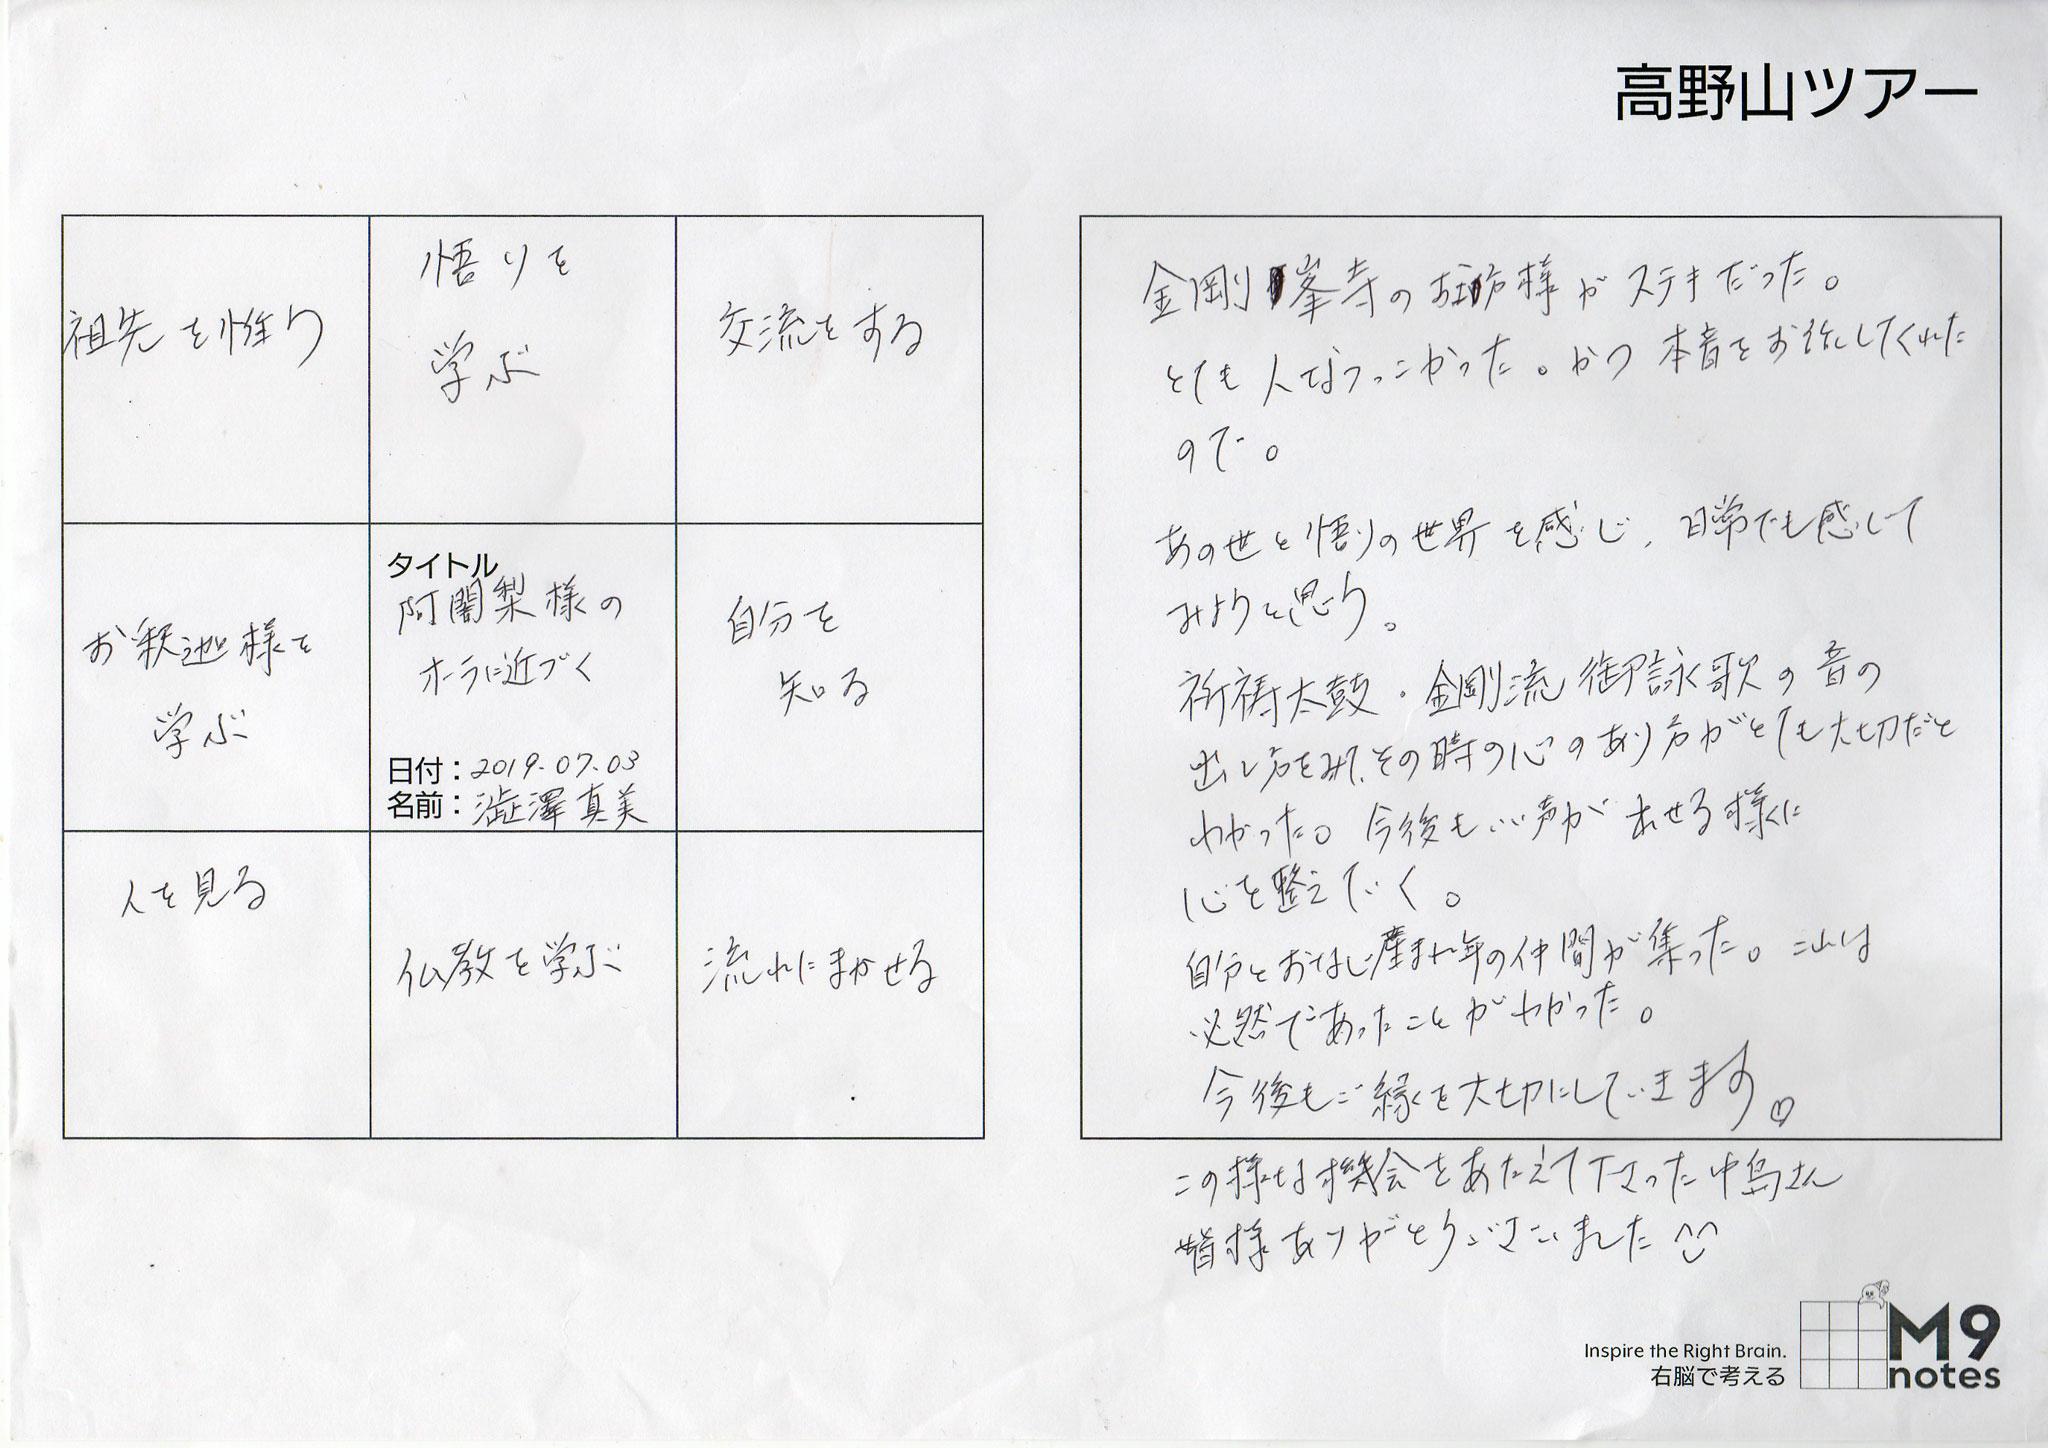 高野山セミナーの感想文(澁澤さま)